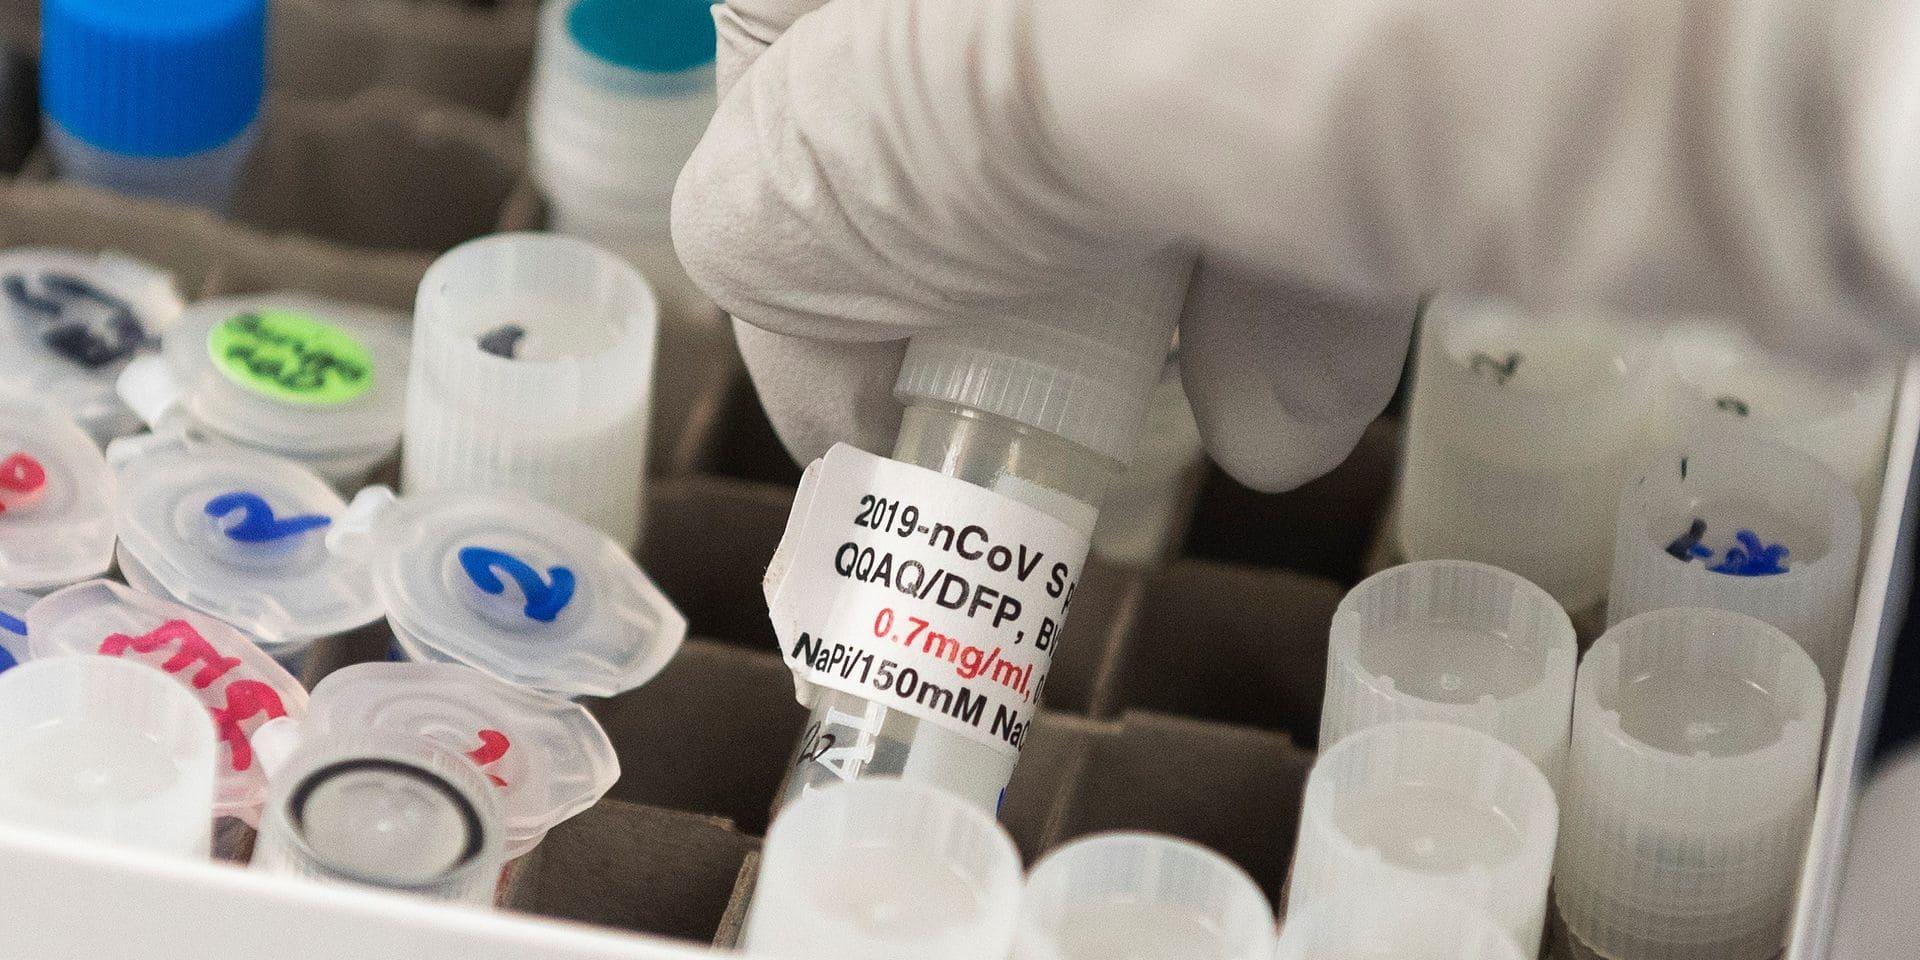 Vaccin contre le coronavirus : où en sont réellement les laboratoires? On fait le point